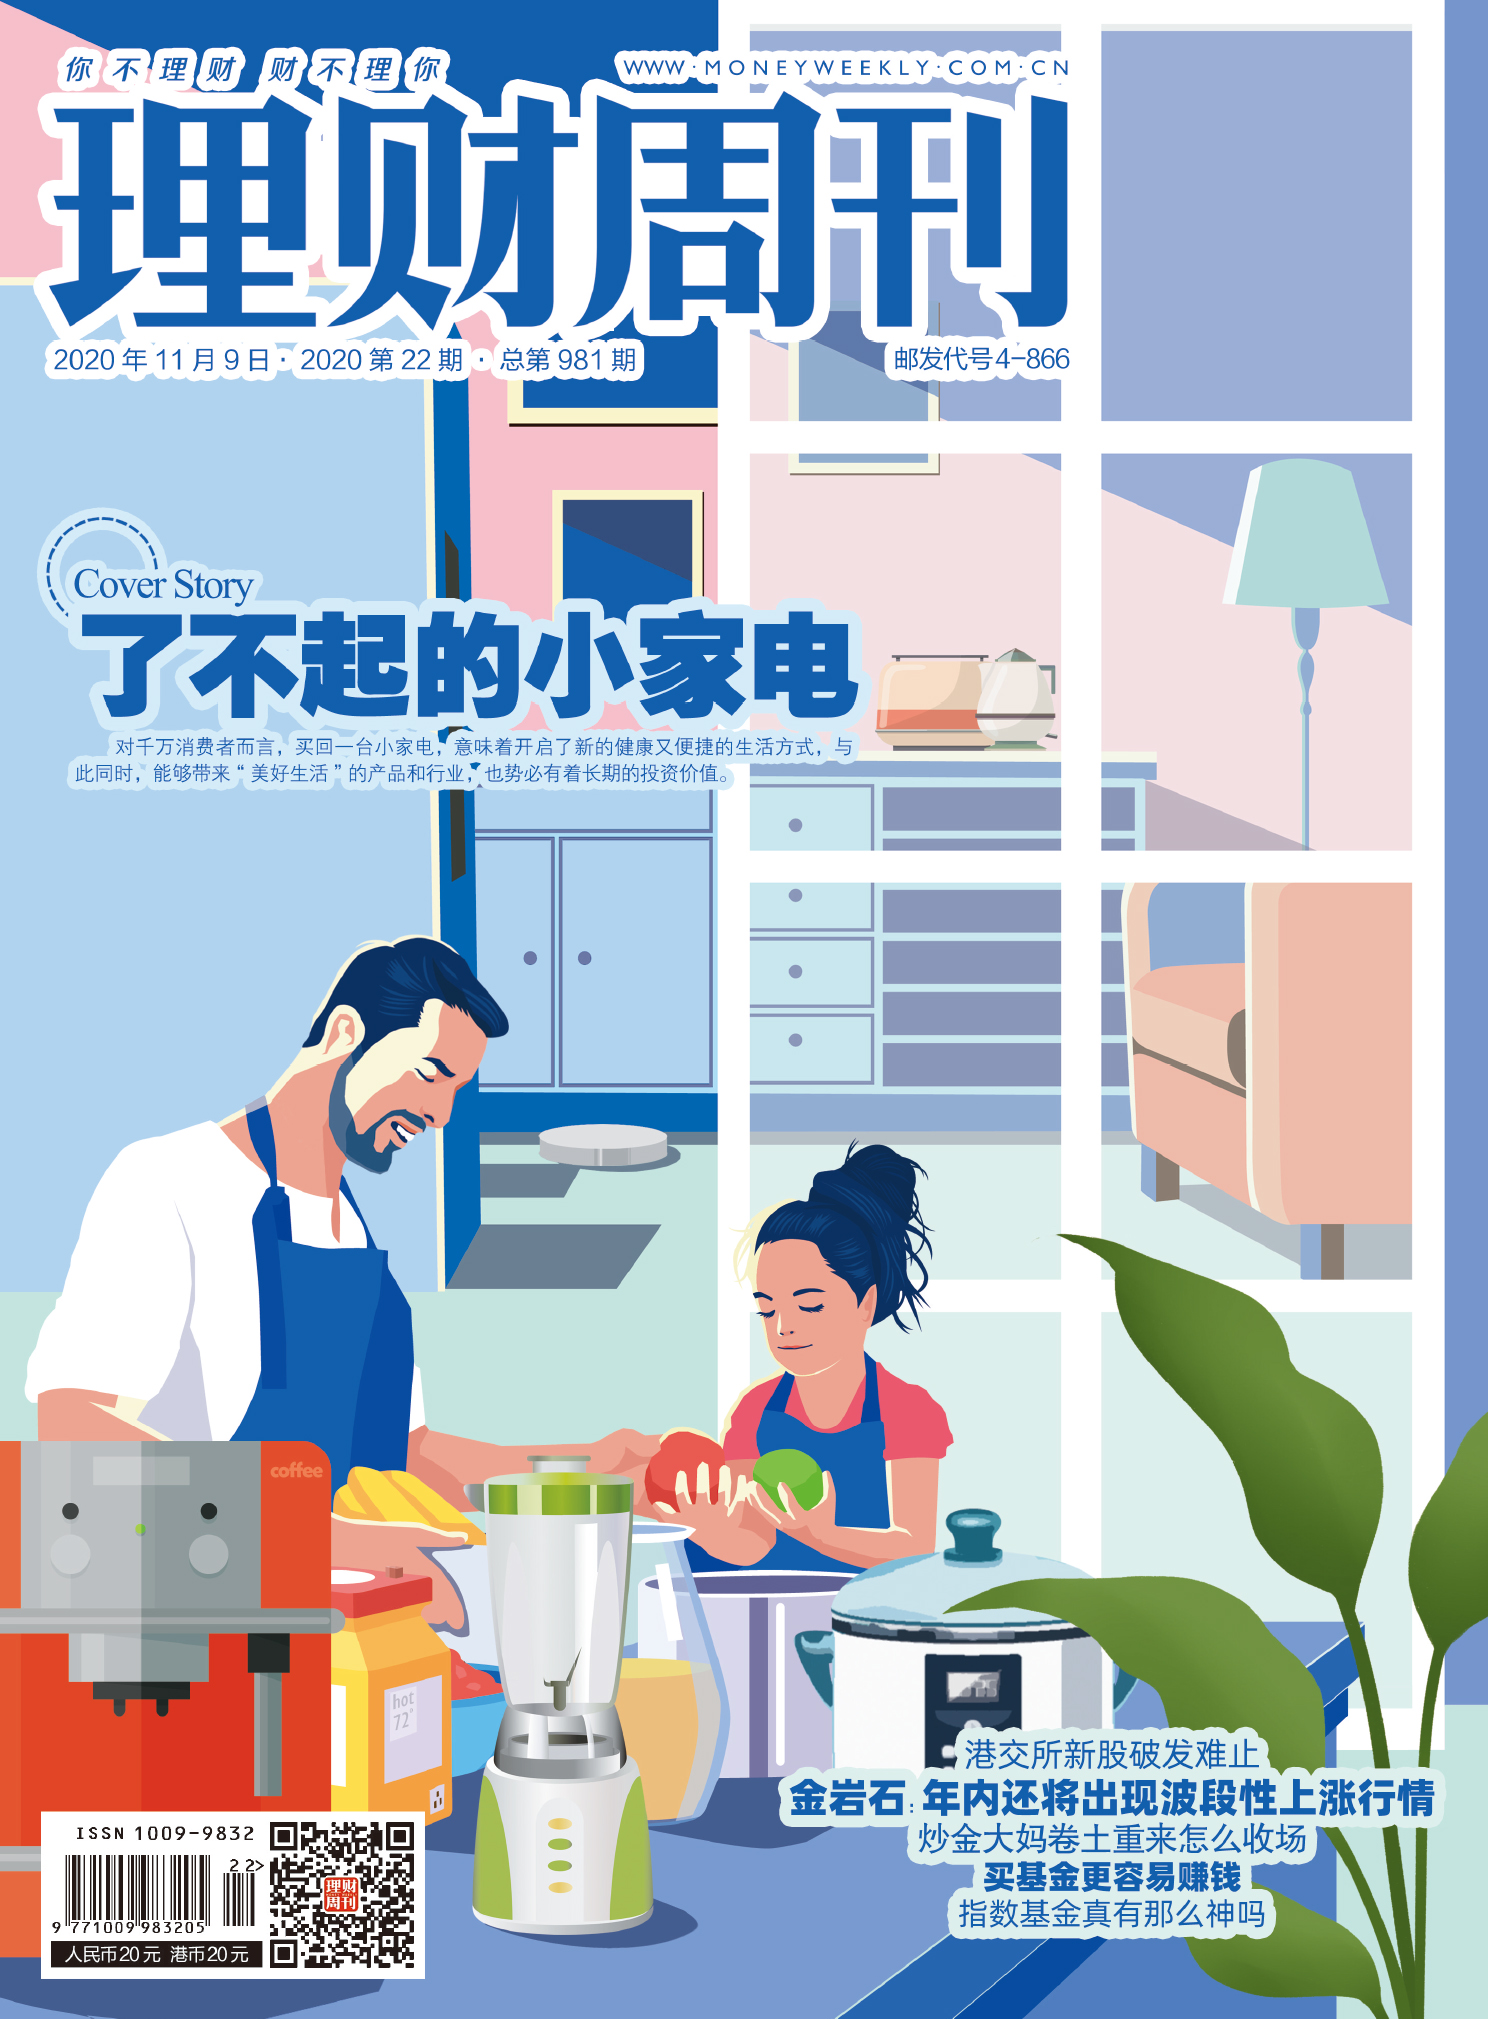 理财周刊-第981期